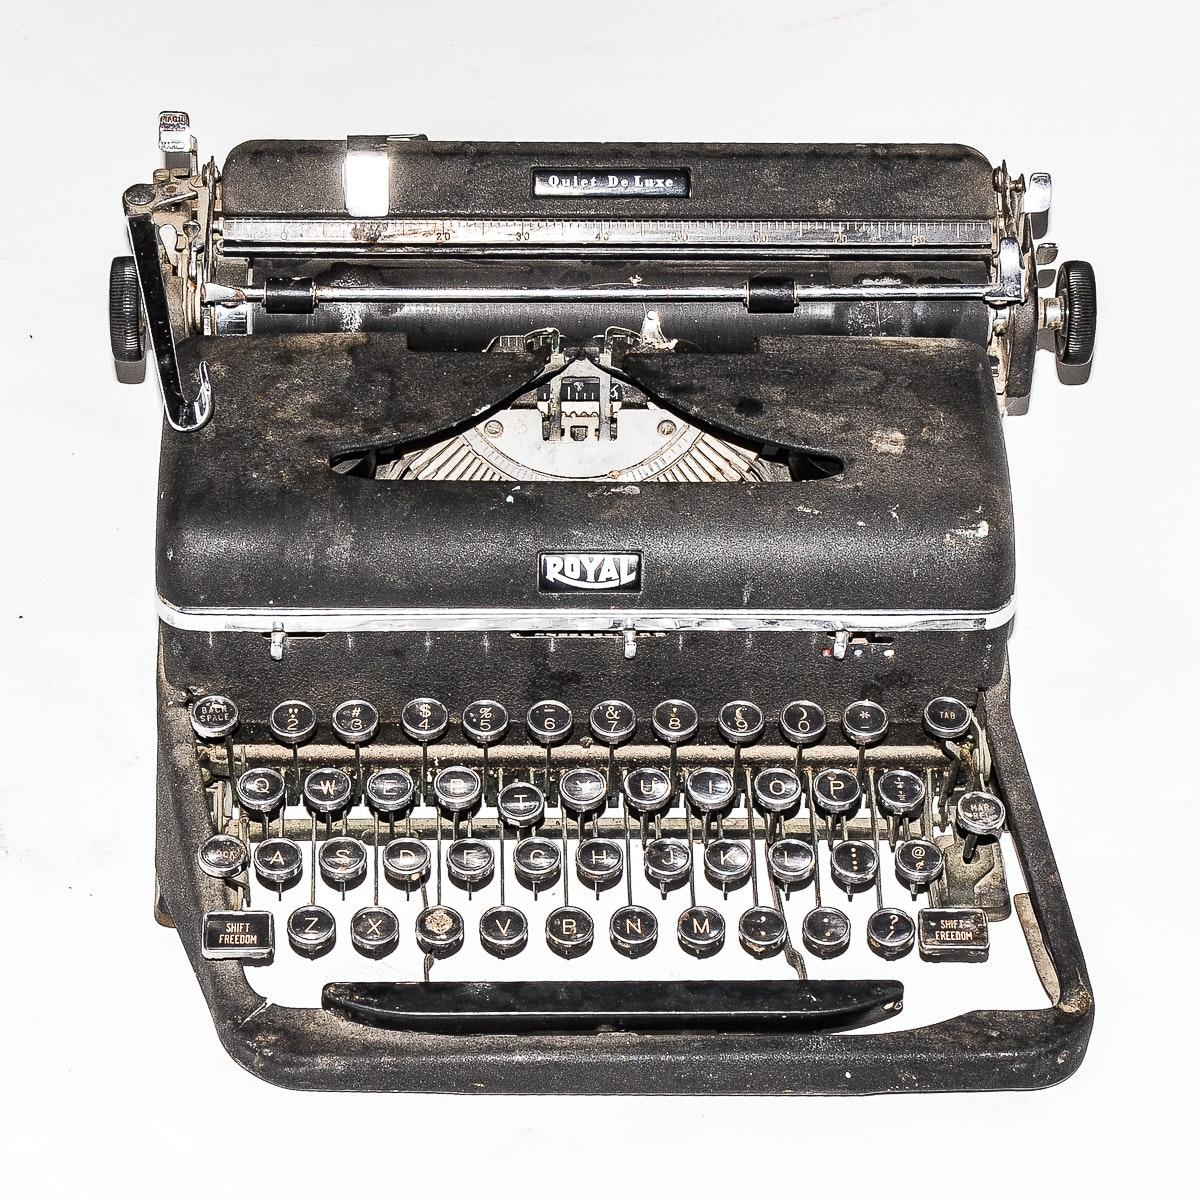 Royal Quiet de Lux Typewriter